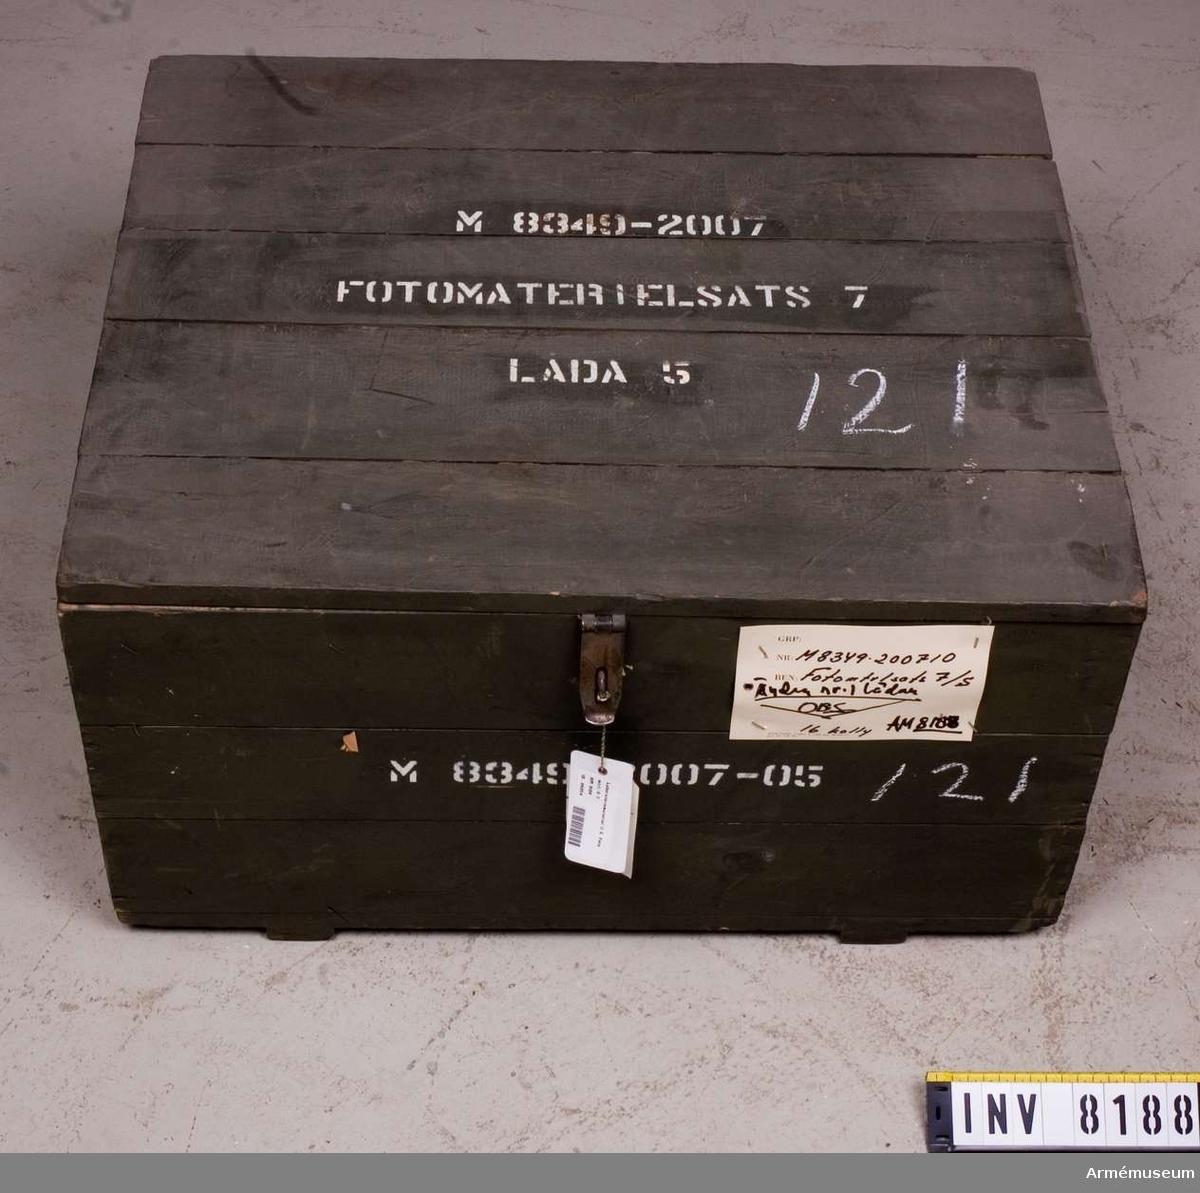 Samhörande nr är AM 8151 - 8199. Färgen är militärgrön.Text på lock och kortsidor: M 8349-2007-05 (Fotomtrl. sats 7. Låda 5). Lådan är till för att förvara förstoringspapper i. Den är tom. Ur fotomaterielsats 7.